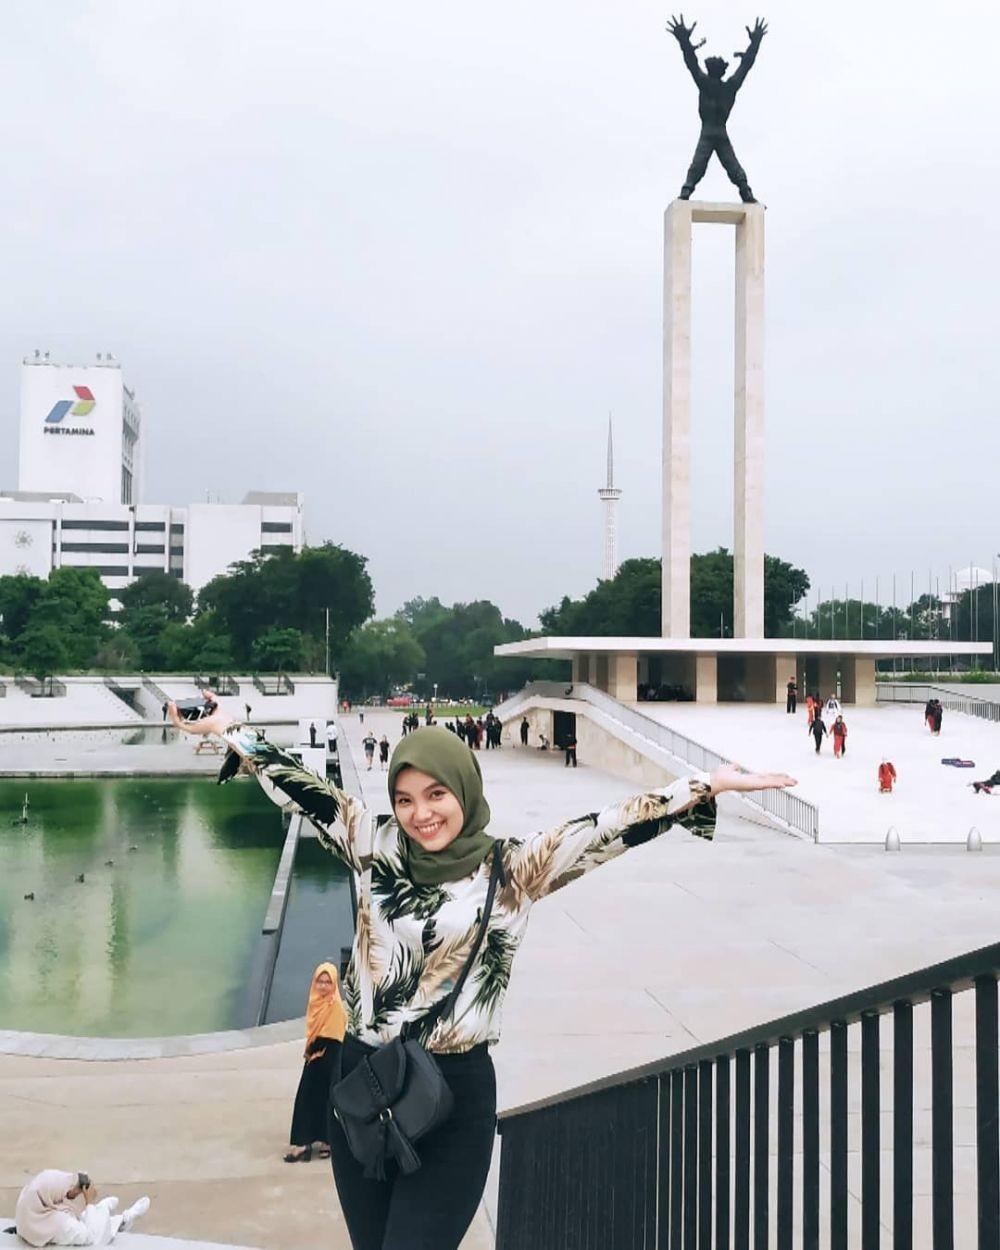 Daftar Wisata Gratis Jakarta, Hiburan Meriah di Tengah Ibu Kota